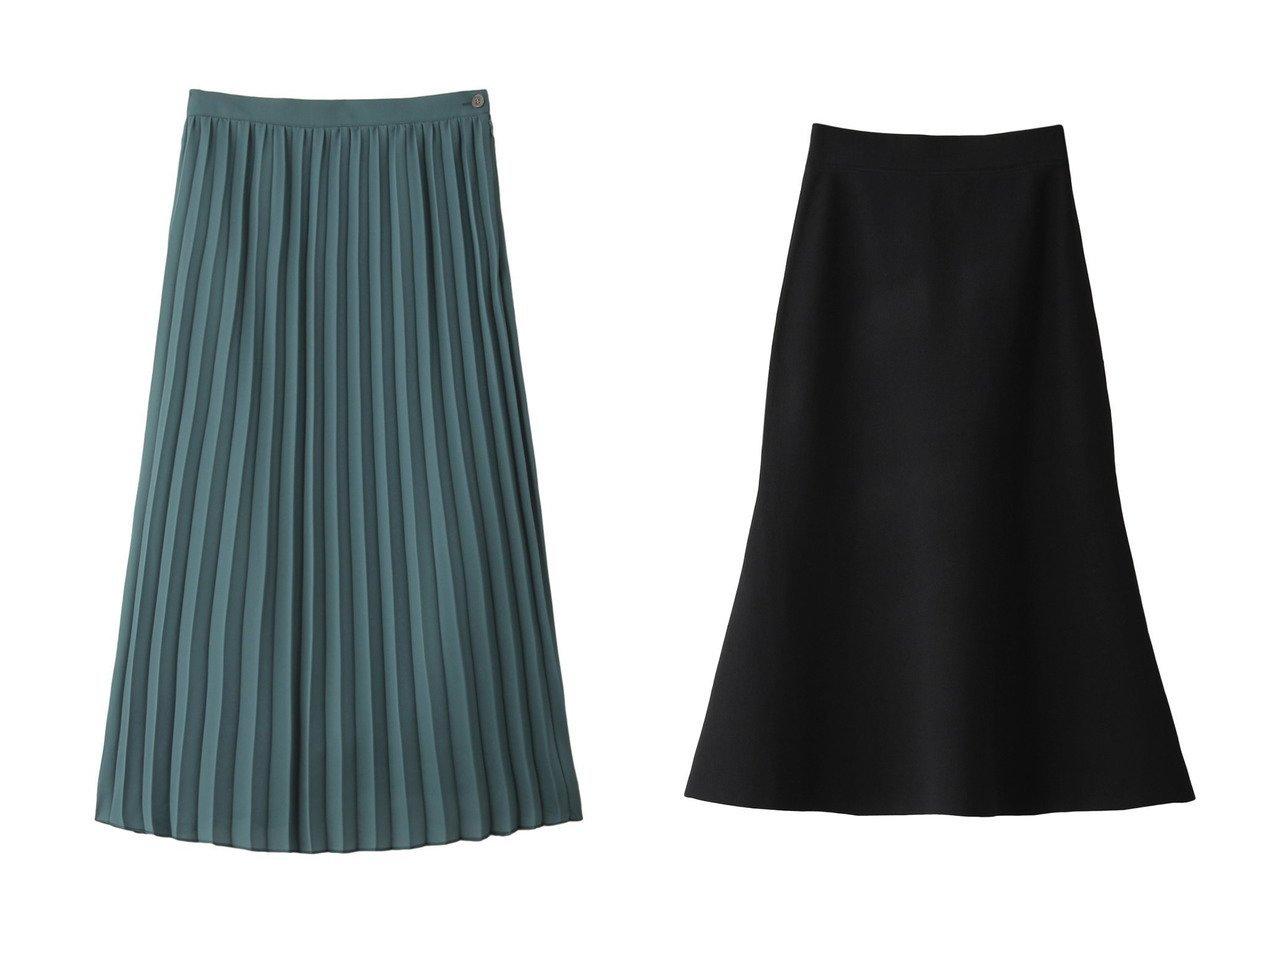 【PLAIN PEOPLE/プレインピープル】のトリアセソフトツイストプリーツスカート&【MARILYN MOON/マリリンムーン】のマーメイドロングスカート スカートのおすすめ!人気、トレンド・レディースファッションの通販  おすすめで人気の流行・トレンド、ファッションの通販商品 メンズファッション・キッズファッション・インテリア・家具・レディースファッション・服の通販 founy(ファニー) https://founy.com/ ファッション Fashion レディースファッション WOMEN スカート Skirt プリーツスカート Pleated Skirts ロングスカート Long Skirt フェミニン プリーツ ロング 定番 春 2020年 2020 2020-2021 秋冬 A/W AW Autumn/Winter / FW Fall-Winter 2020-2021 2021年 2021 2021 春夏 S/S SS Spring/Summer 2021 シンプル マーメイド A/W 秋冬 AW Autumn/Winter / FW Fall-Winter |ID:crp329100000009766